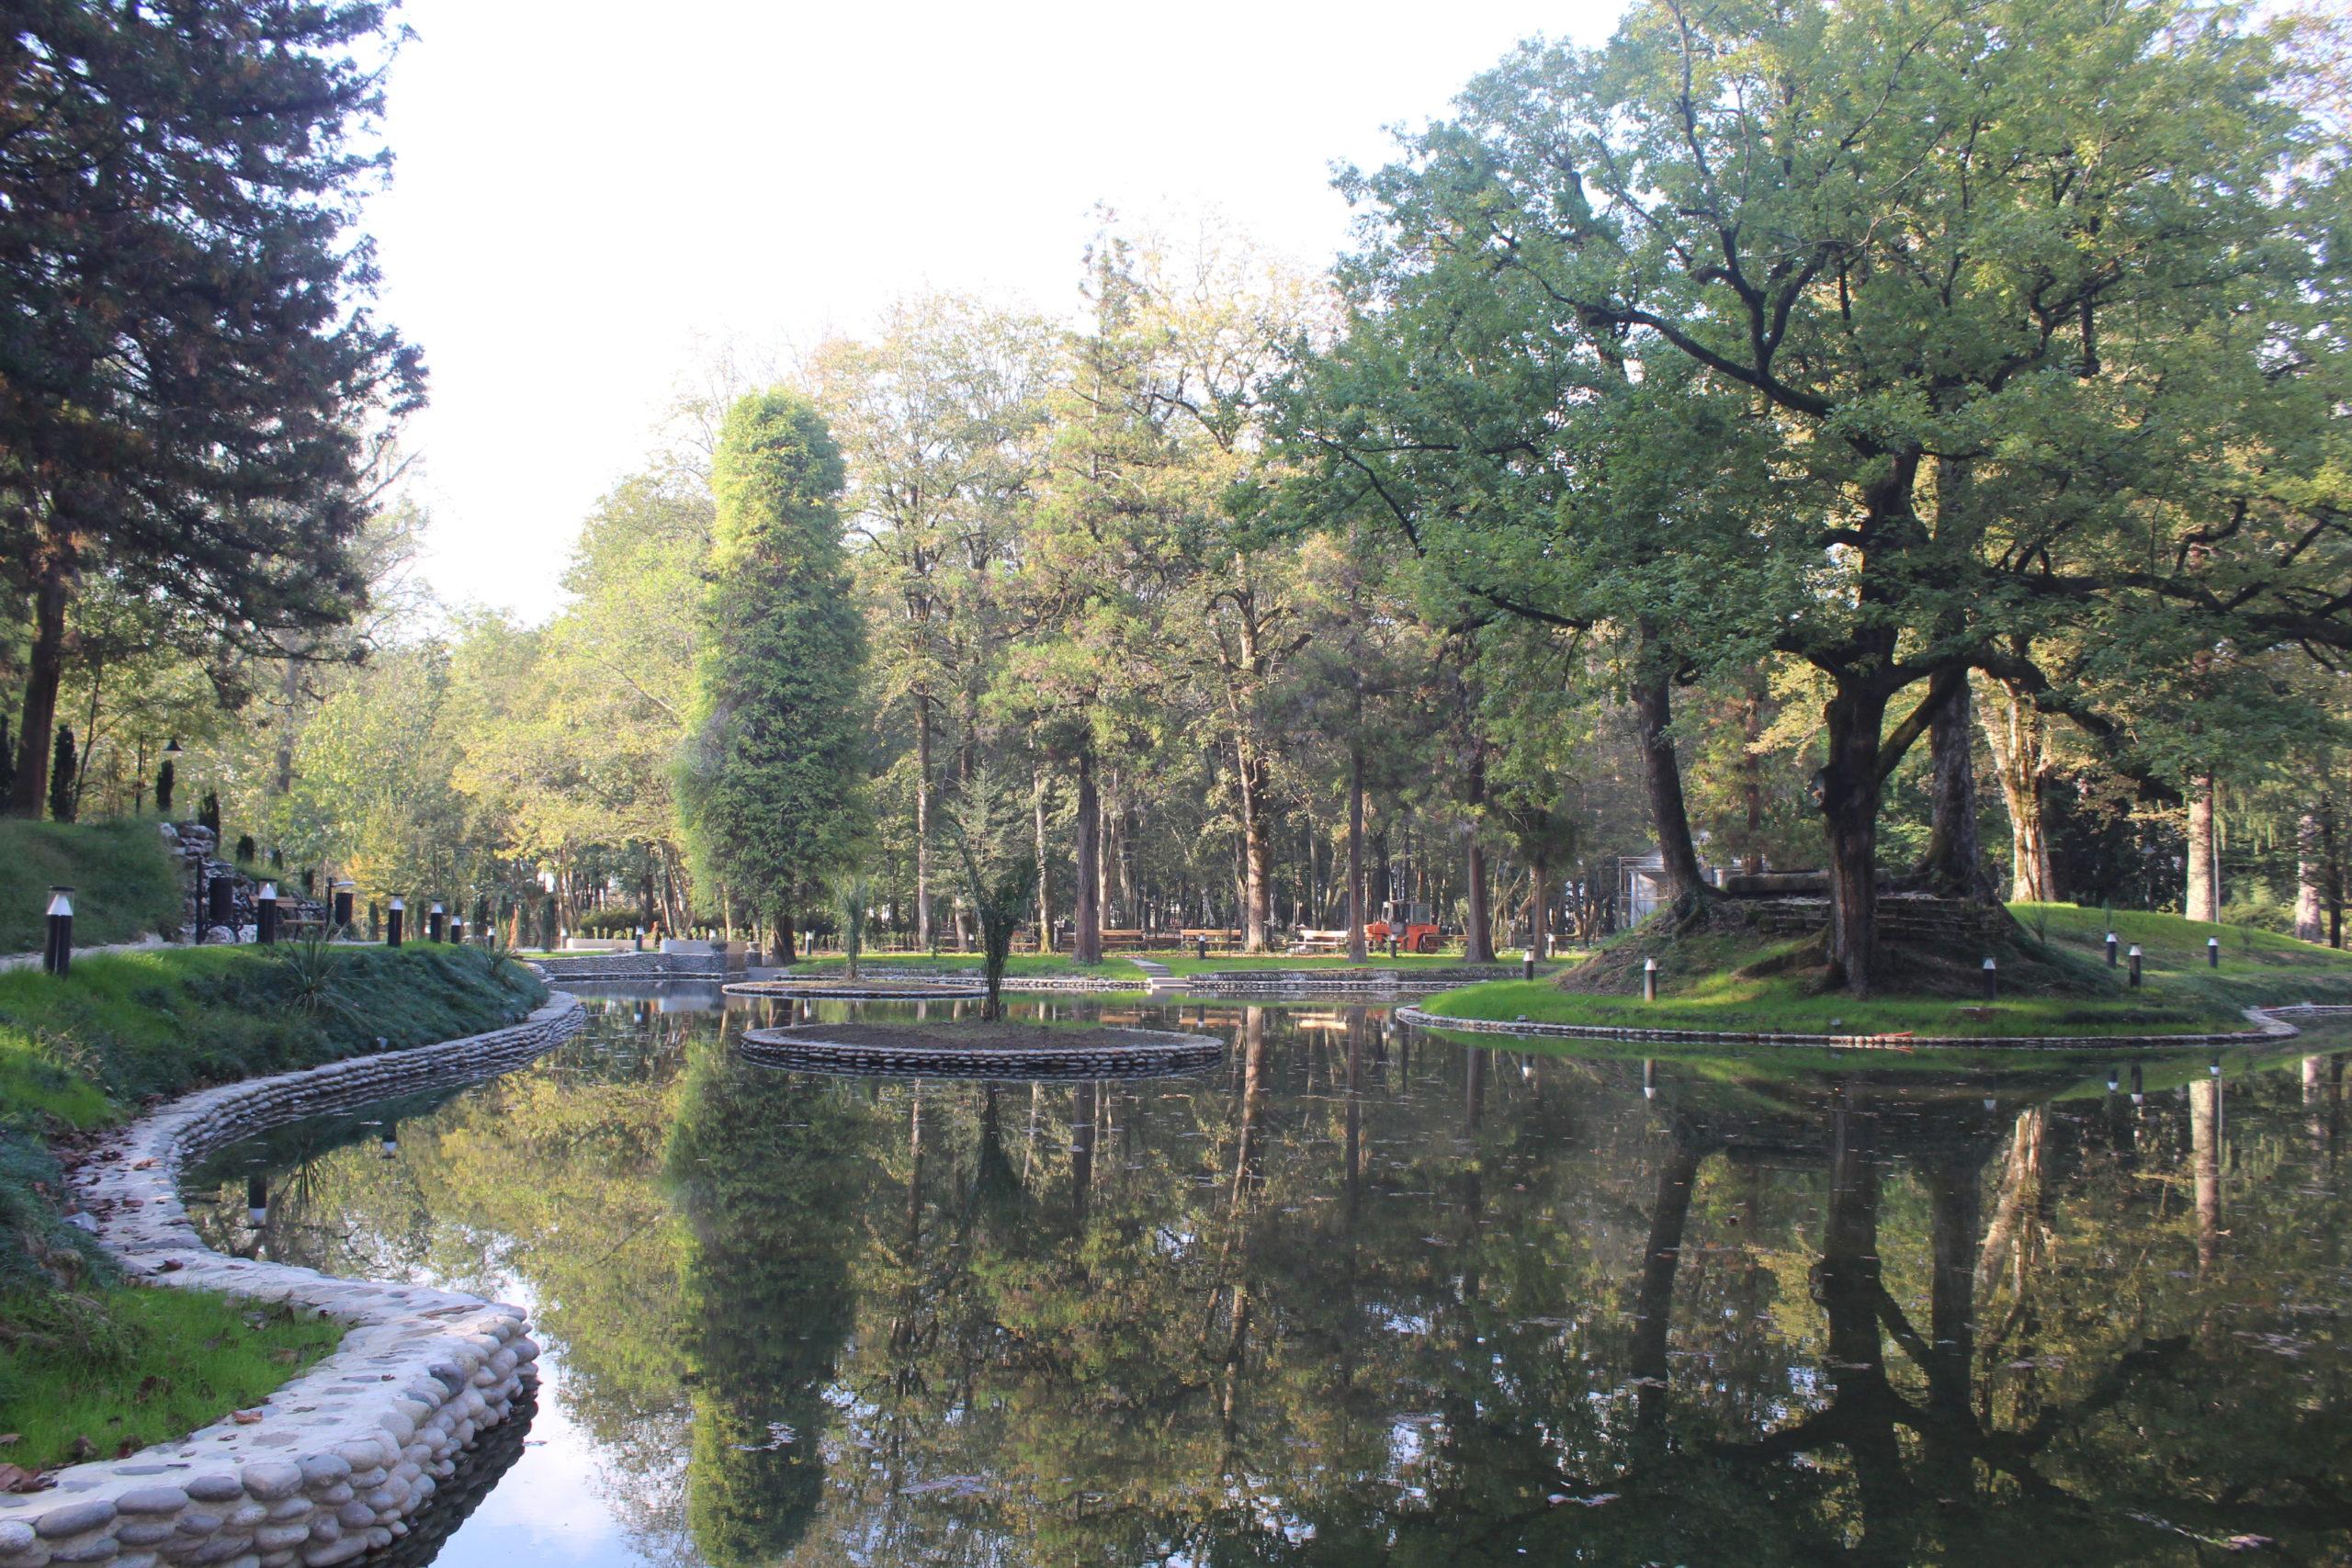 მუნიციპალური განვითარების ფონდი: ზუგდიდის ბოტანიკური ბაღი ნოემბრის მეორე ნახევარში გაიხსნება